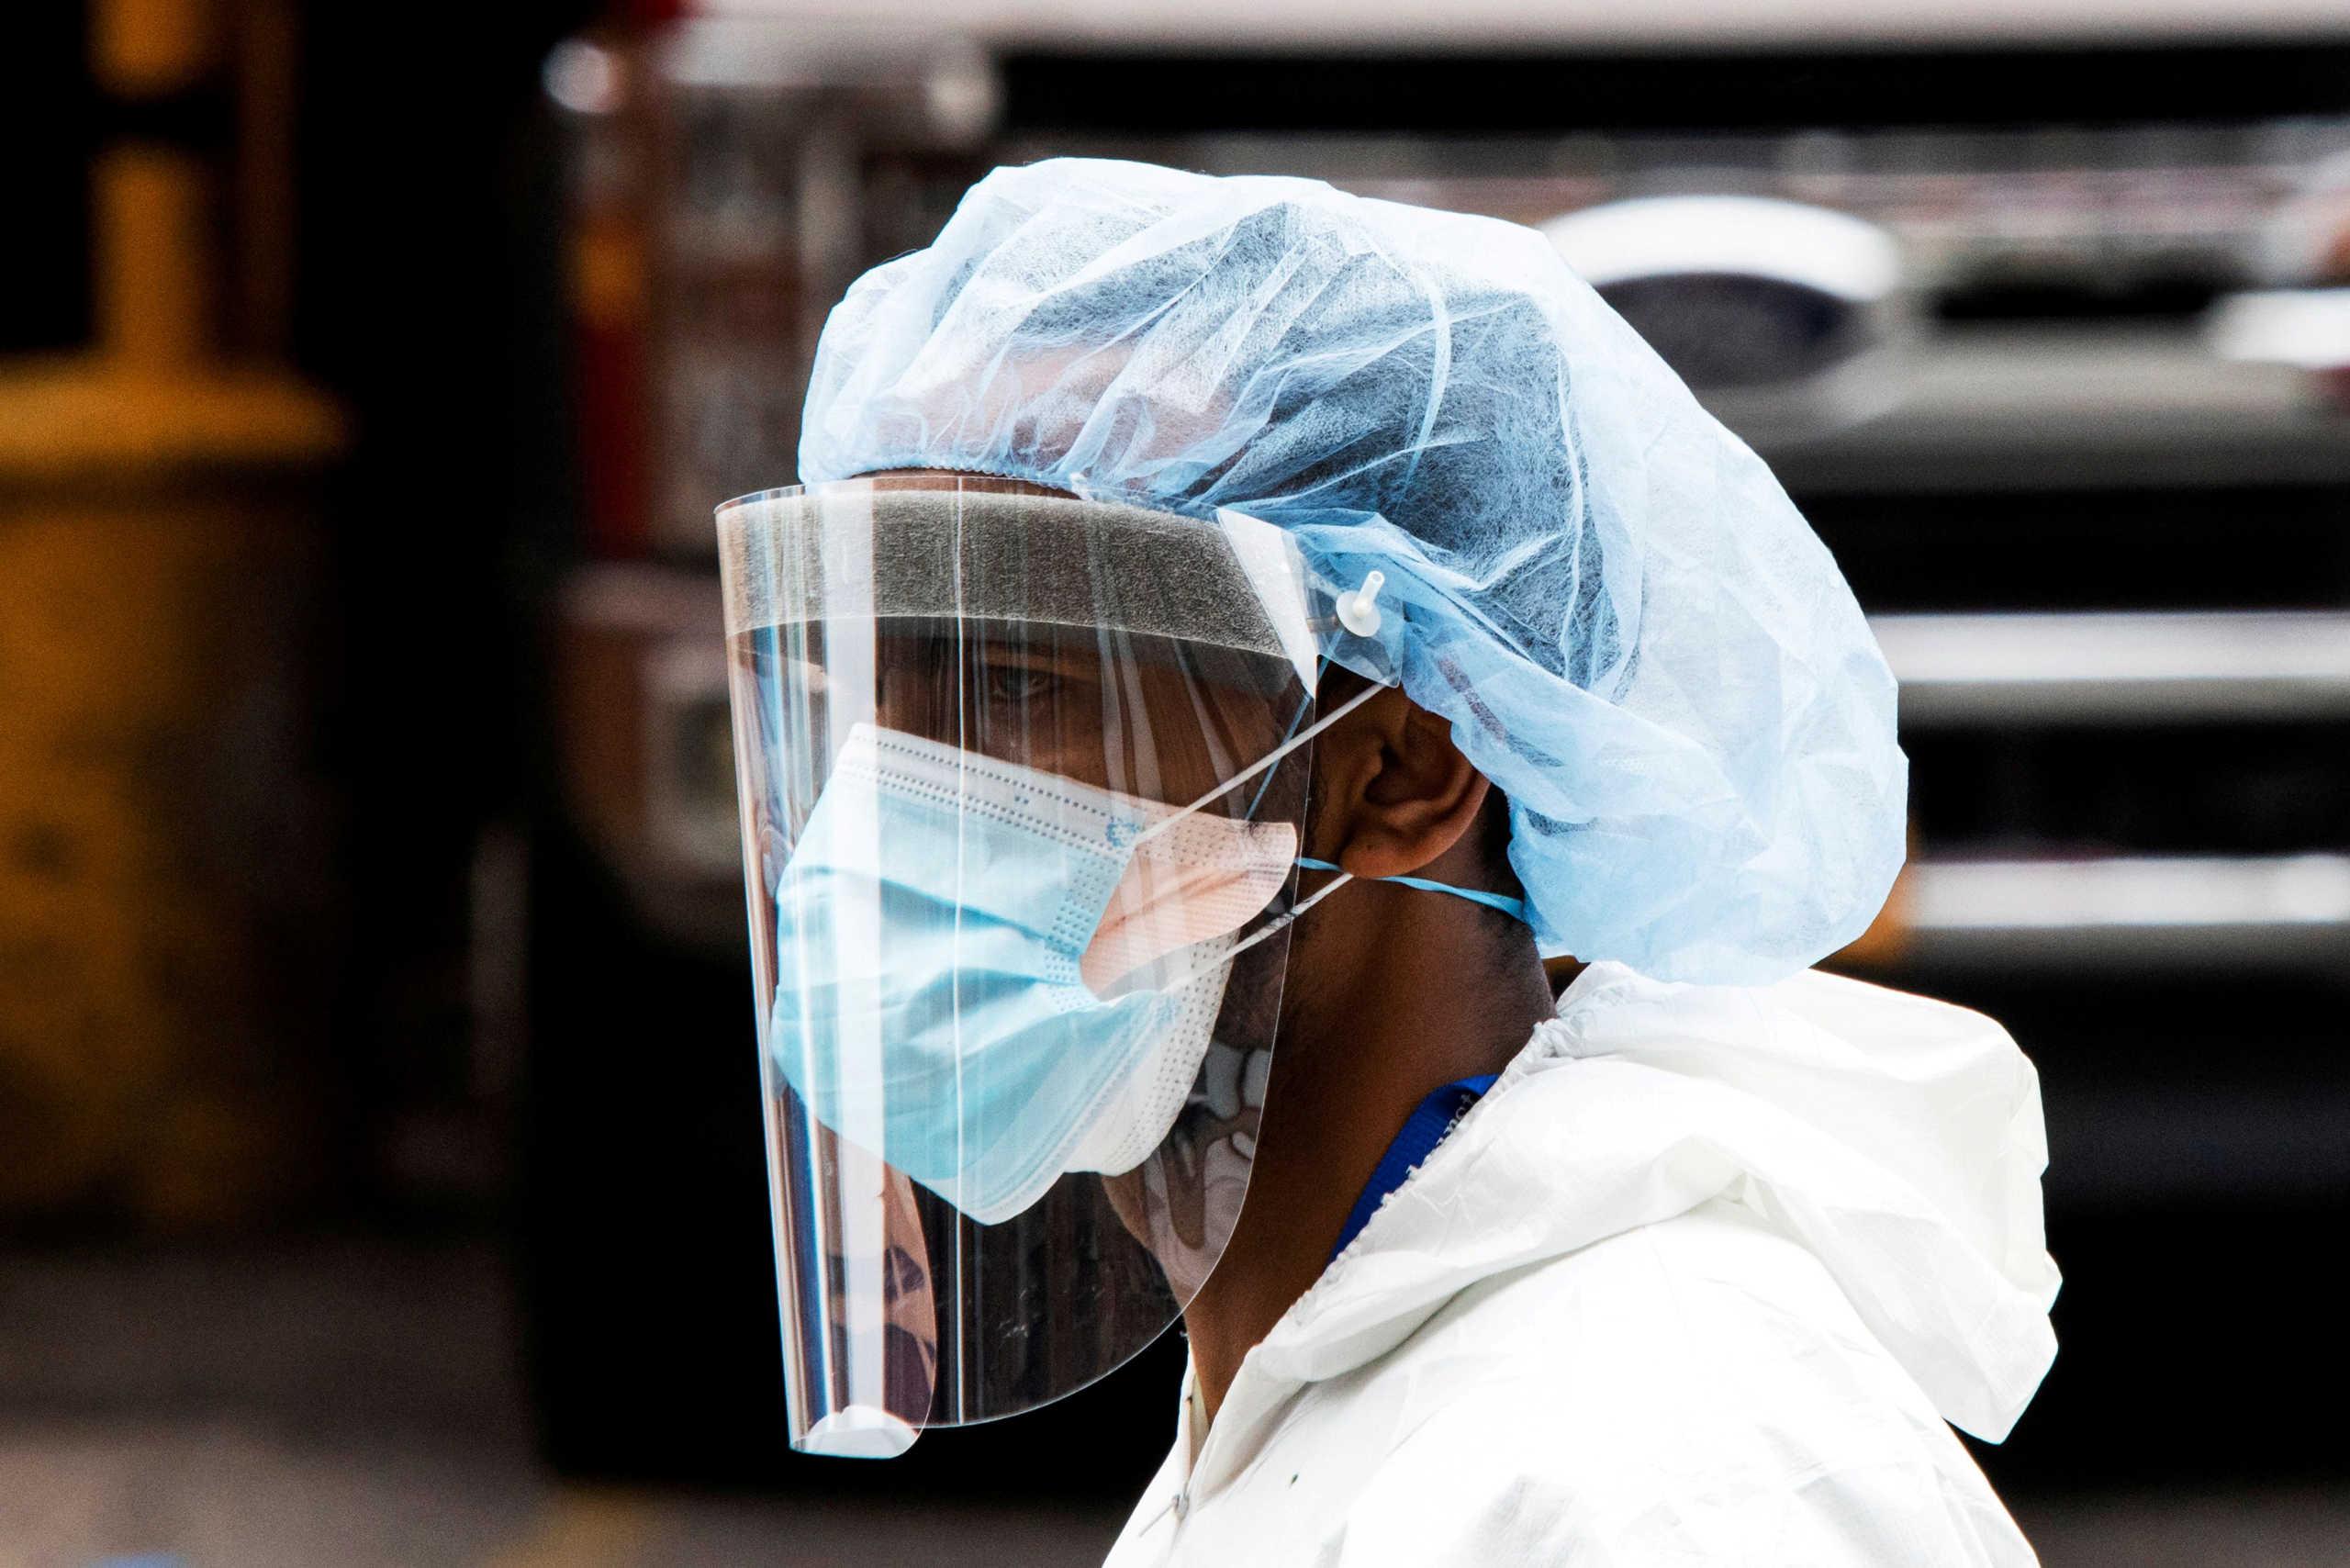 ΗΠΑ: Υποχρεωτική η μάσκα για όλους στην Ουάσινγκτον